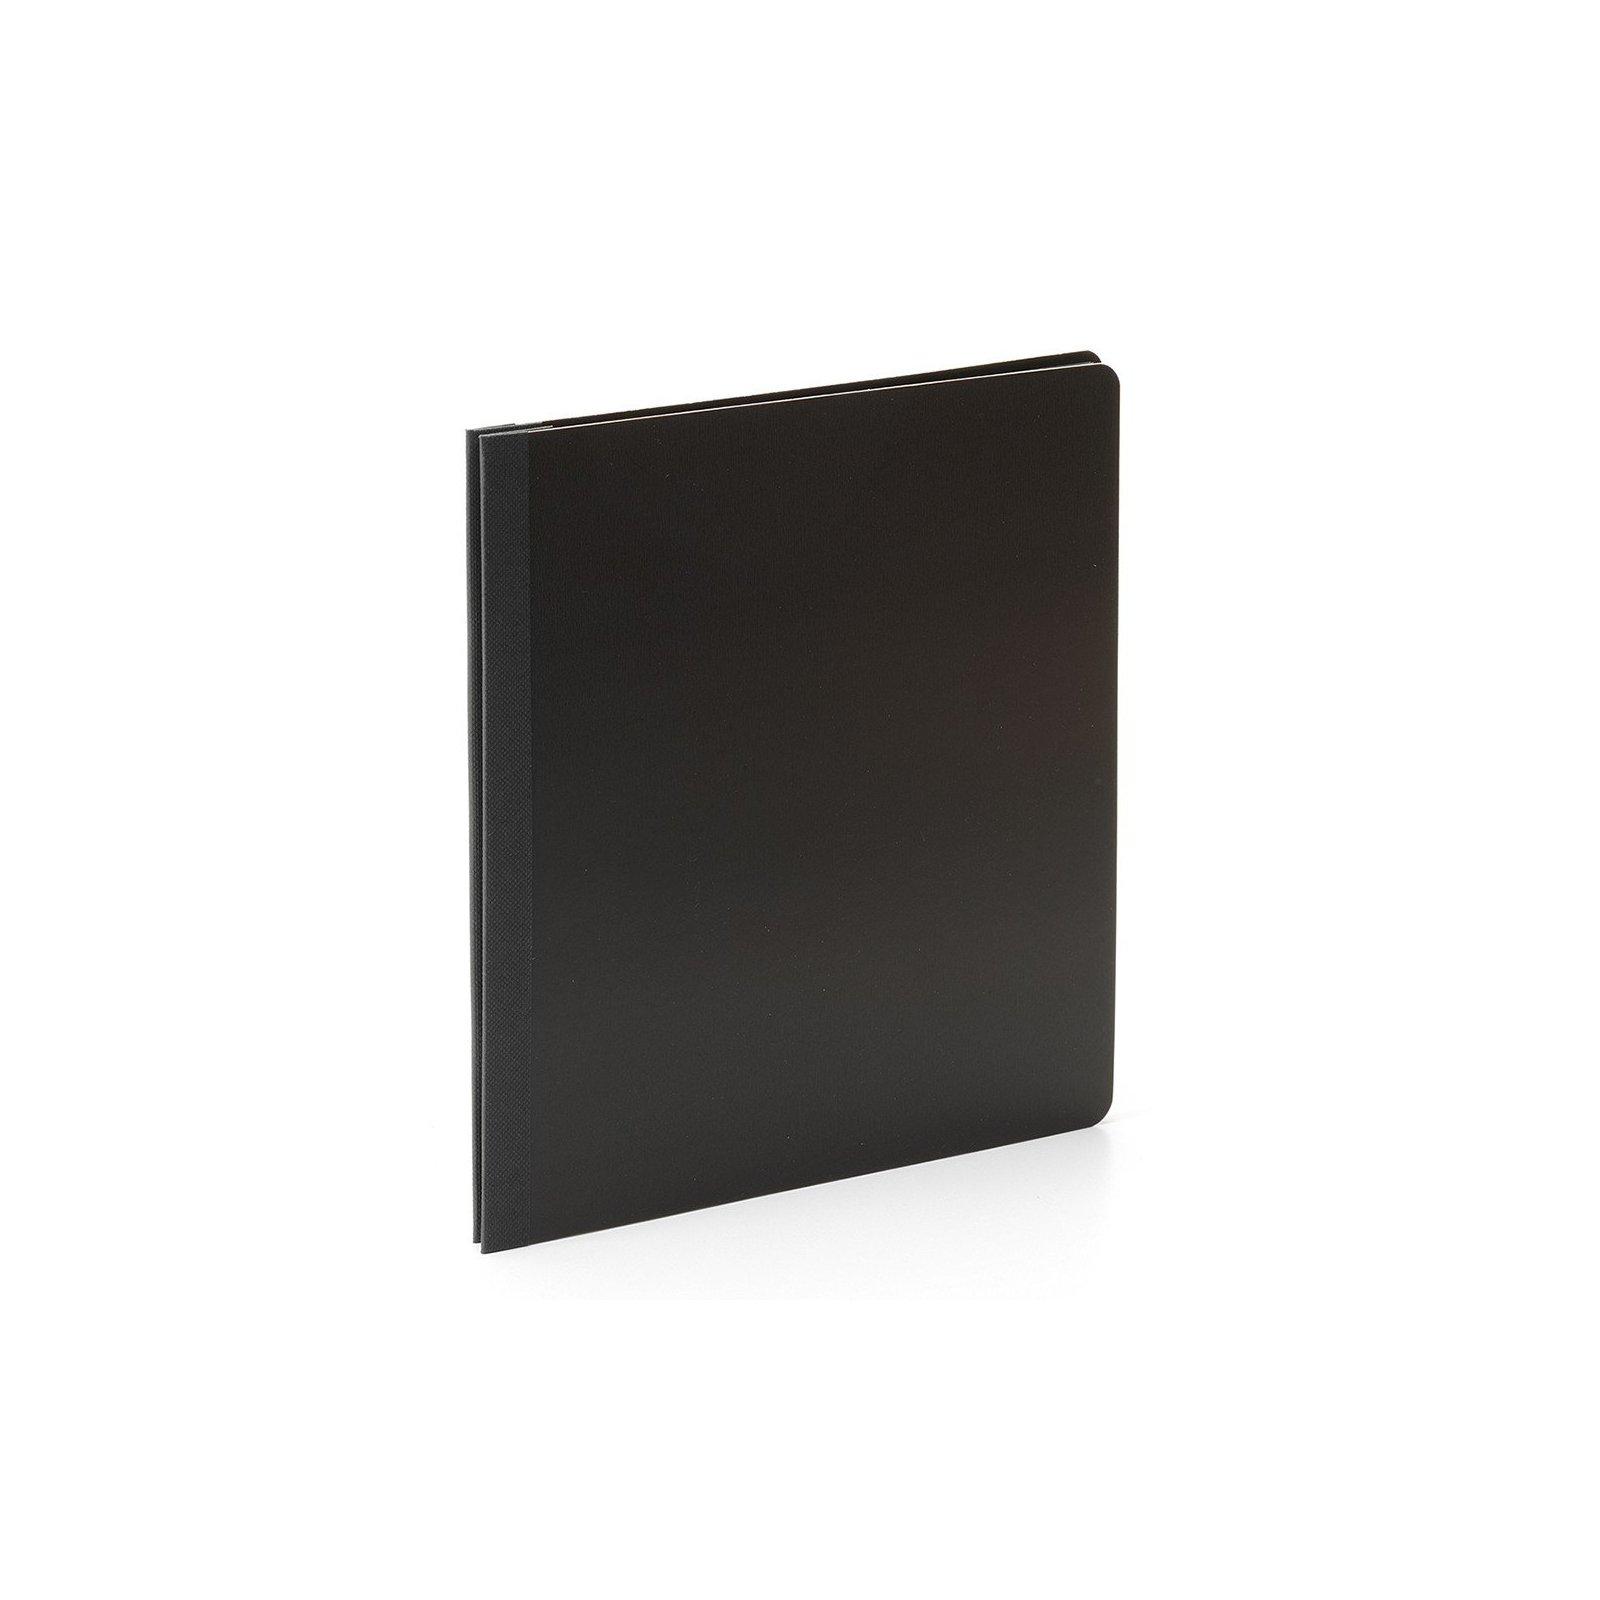 Flipbook - 15x20 - Black - Simple Stories